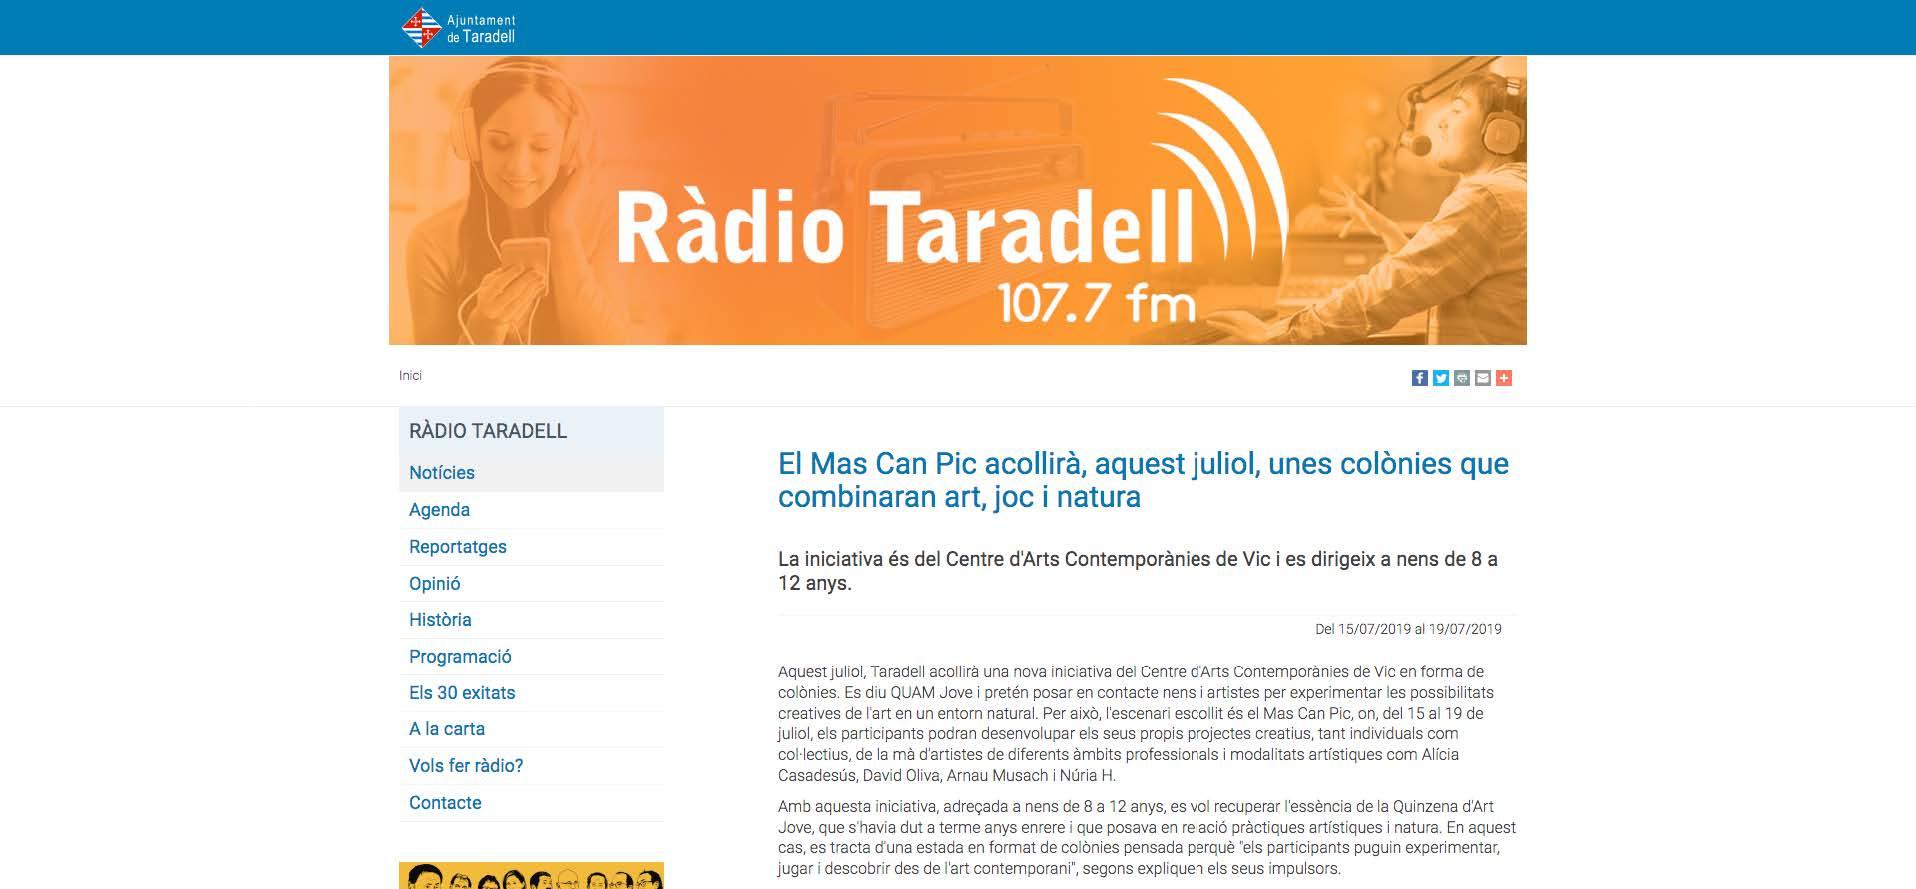 02.07.2019 radio taradell